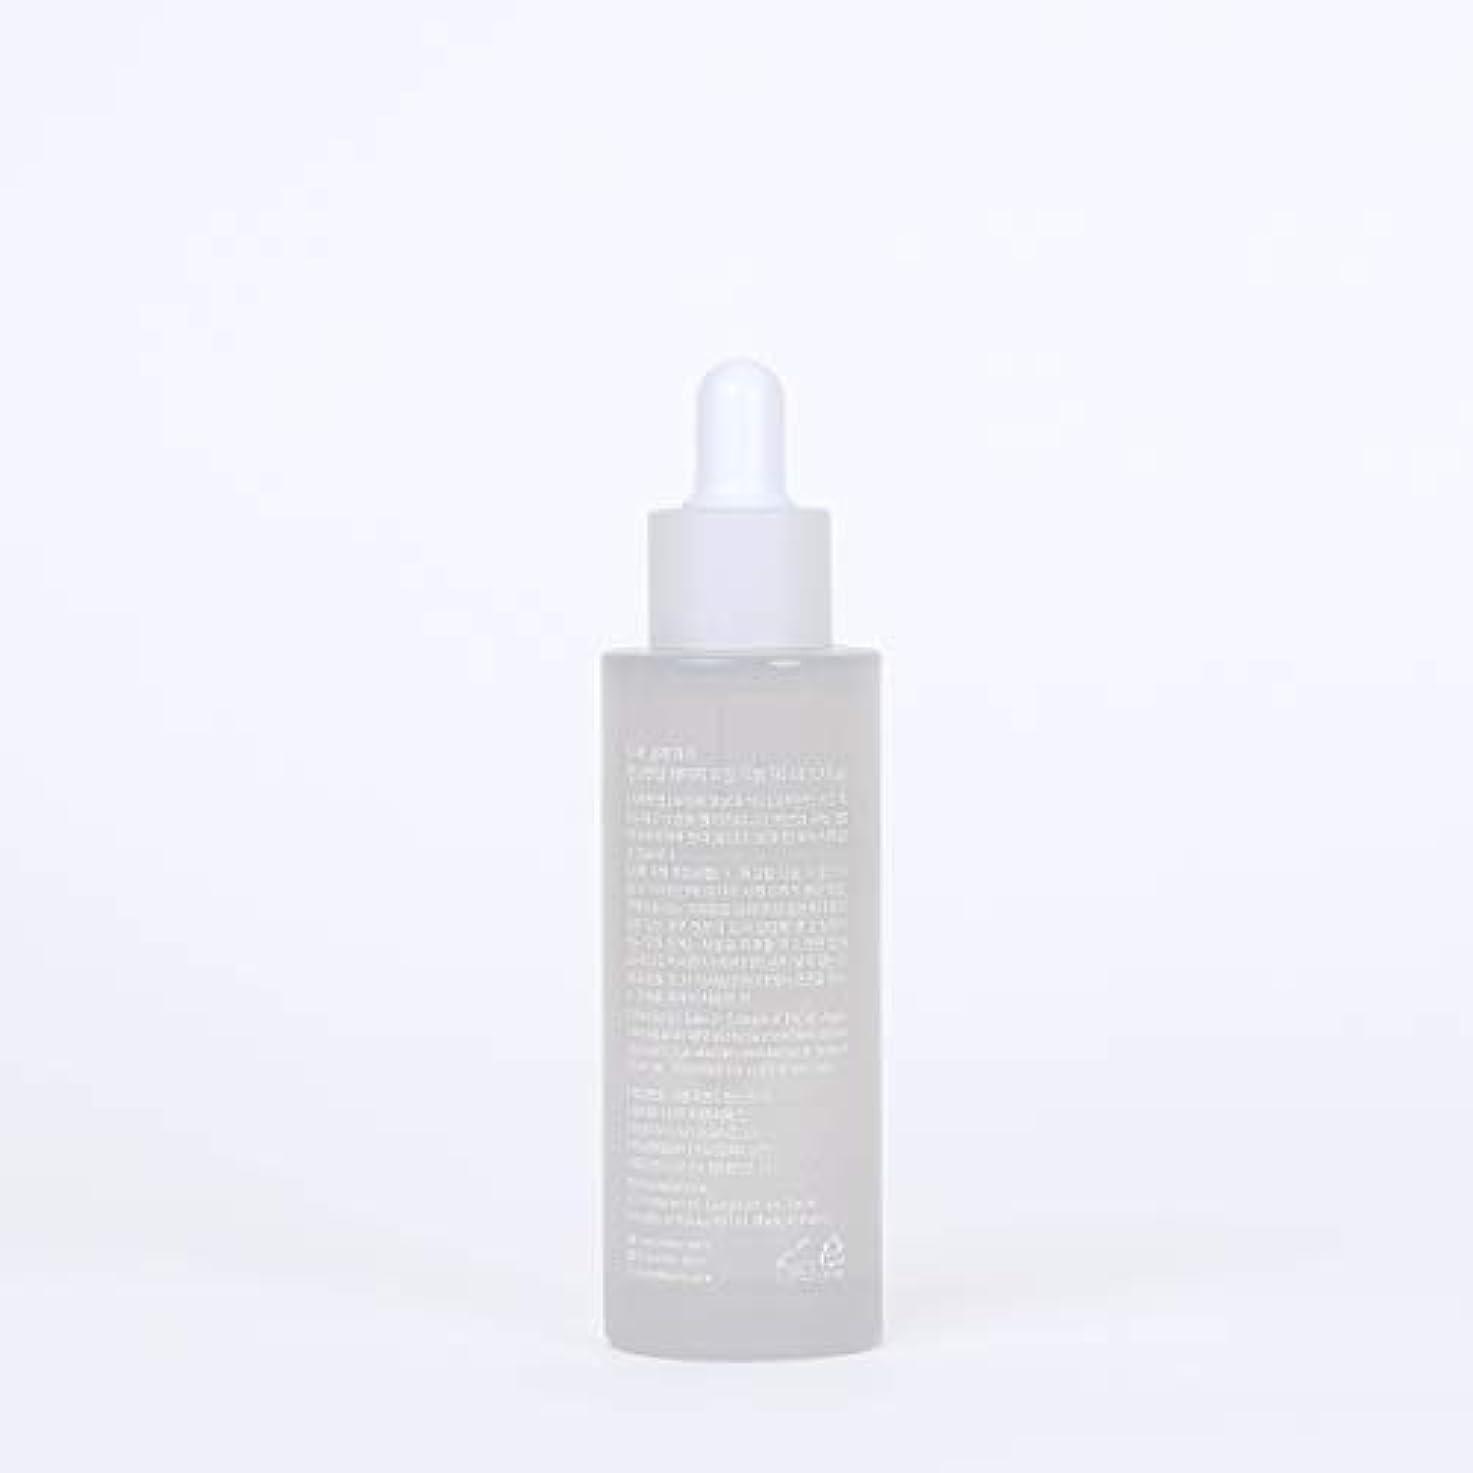 断線生インシデント【クレアス(Klairs)】ファンダメンタルウォーターリーオイルドロップ, Fundamental Watery Oil Drop, 50ml, [並行輸入品]